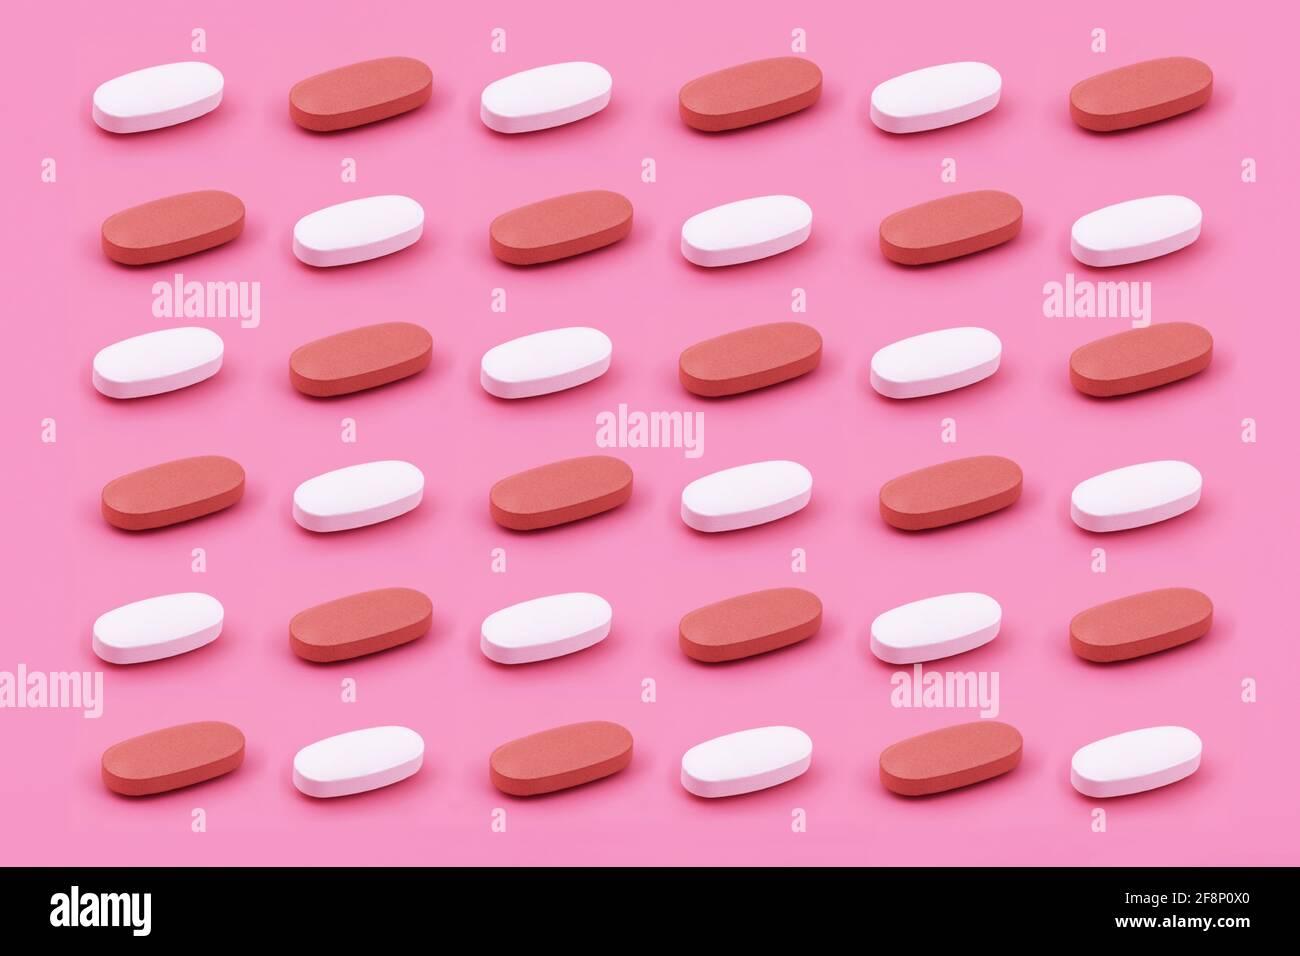 Forme ovale comprimé de médecine pharmaceutique sur fond rose, Medicine concepts créatifs style minimal avec fond de papier coloré Banque D'Images